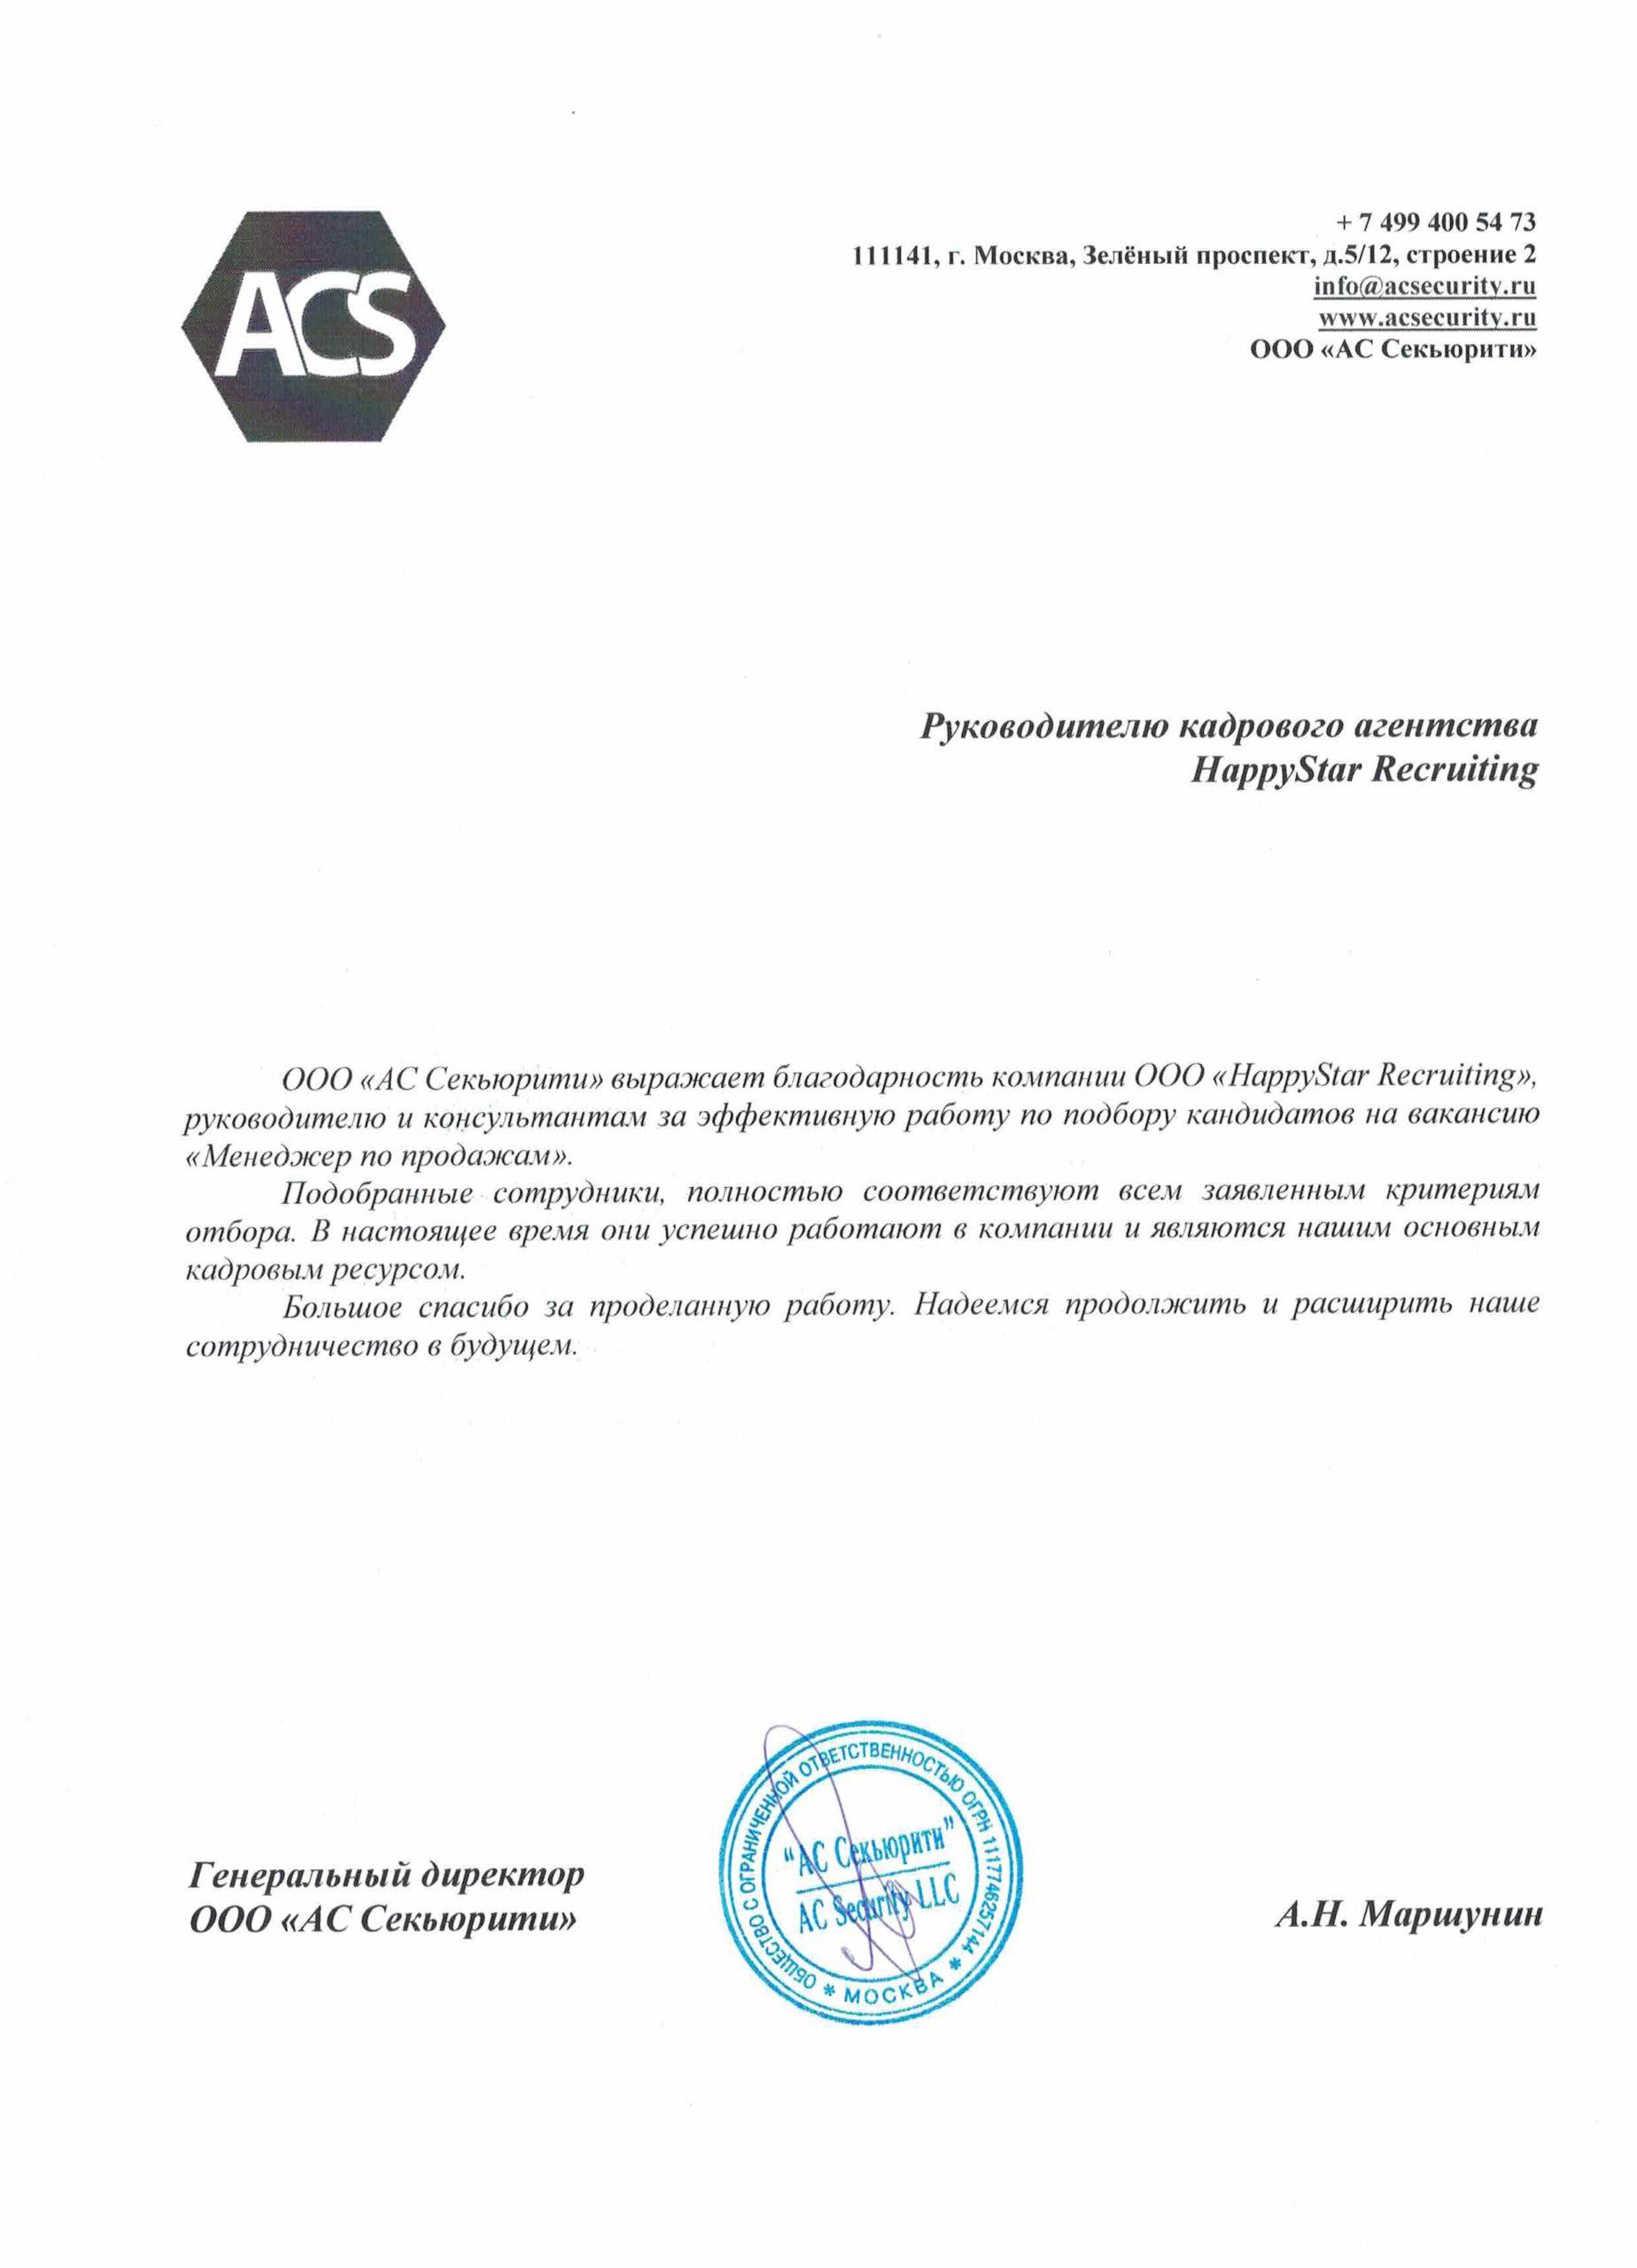 Рекомендация от АС Секьюрити